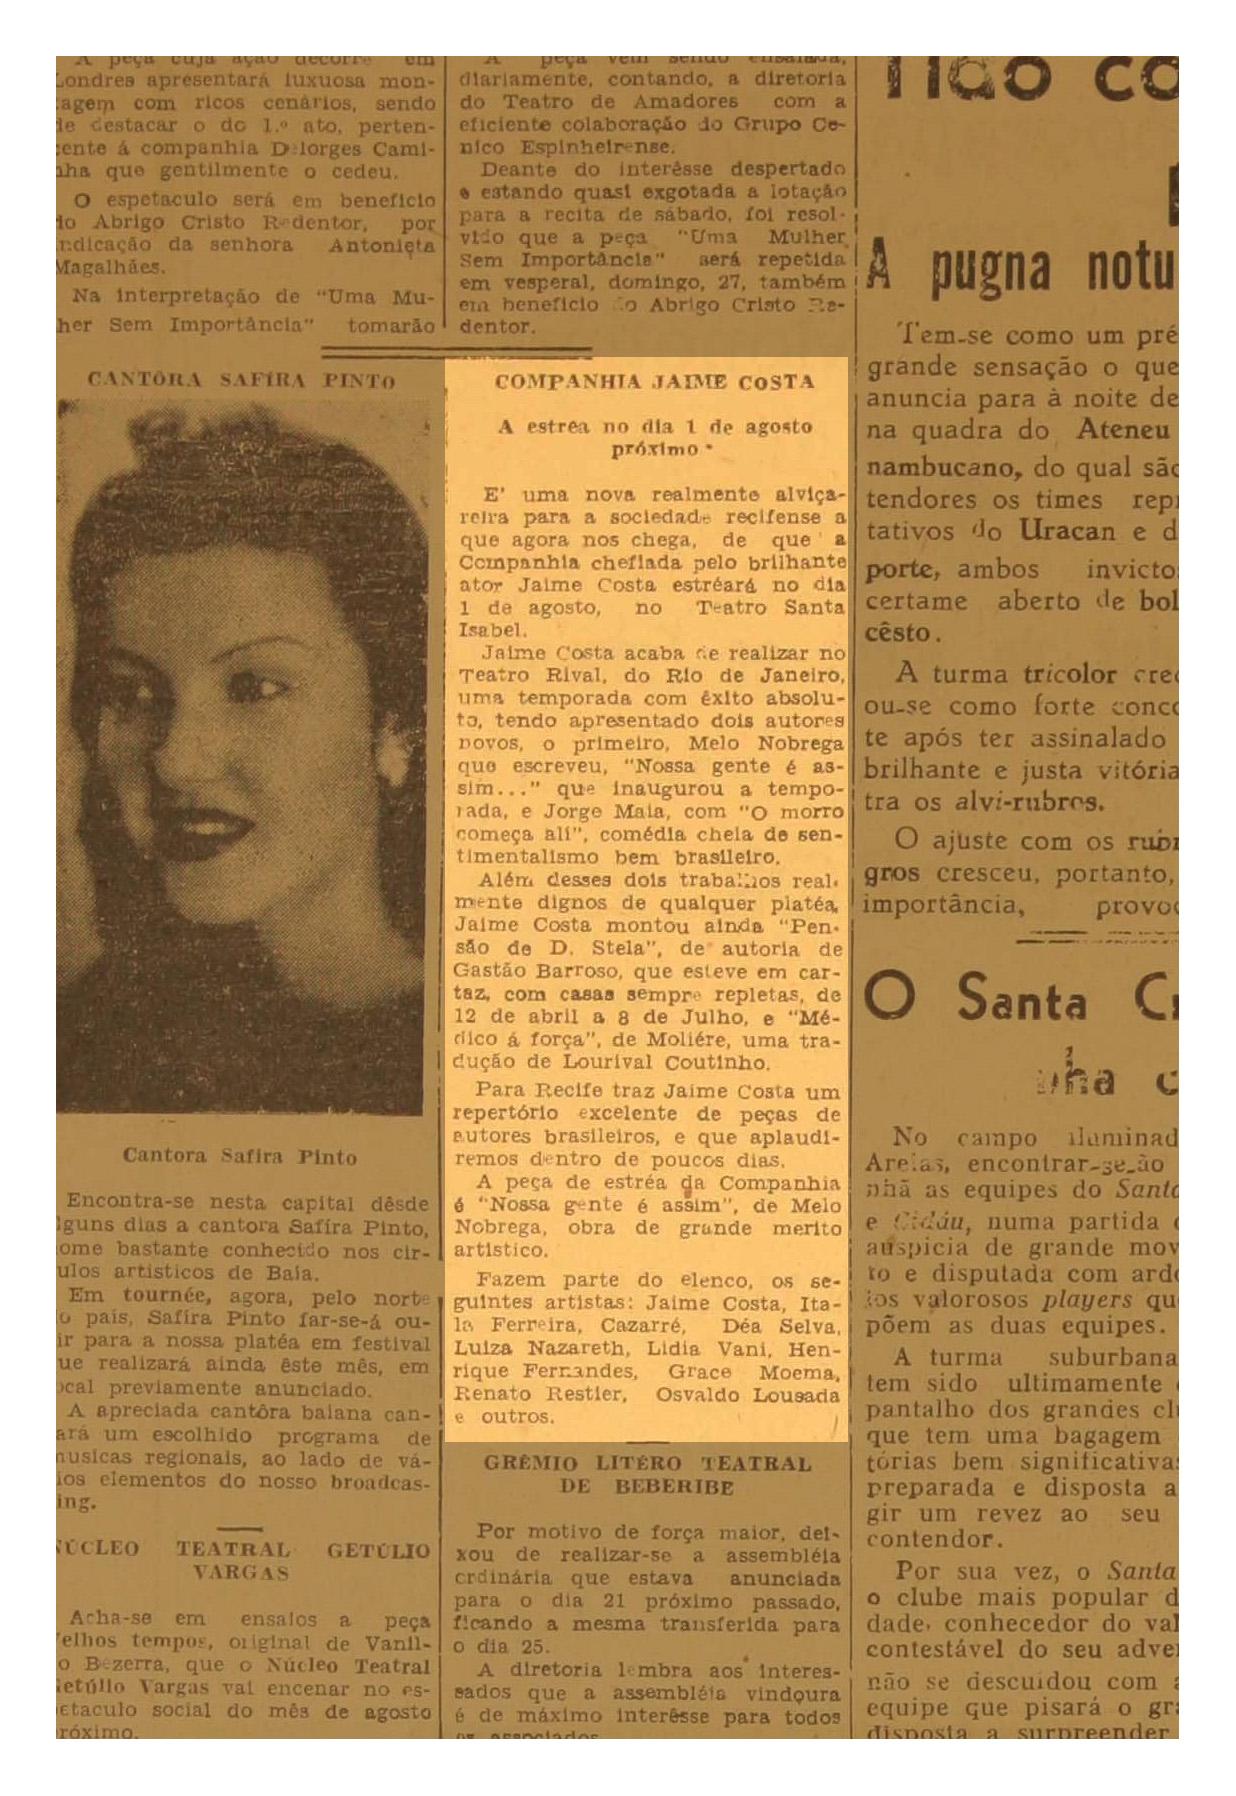 Thereza-Graça-1941-07-23_DiárioDaManhã_Recife-PE-2-copy.jpg